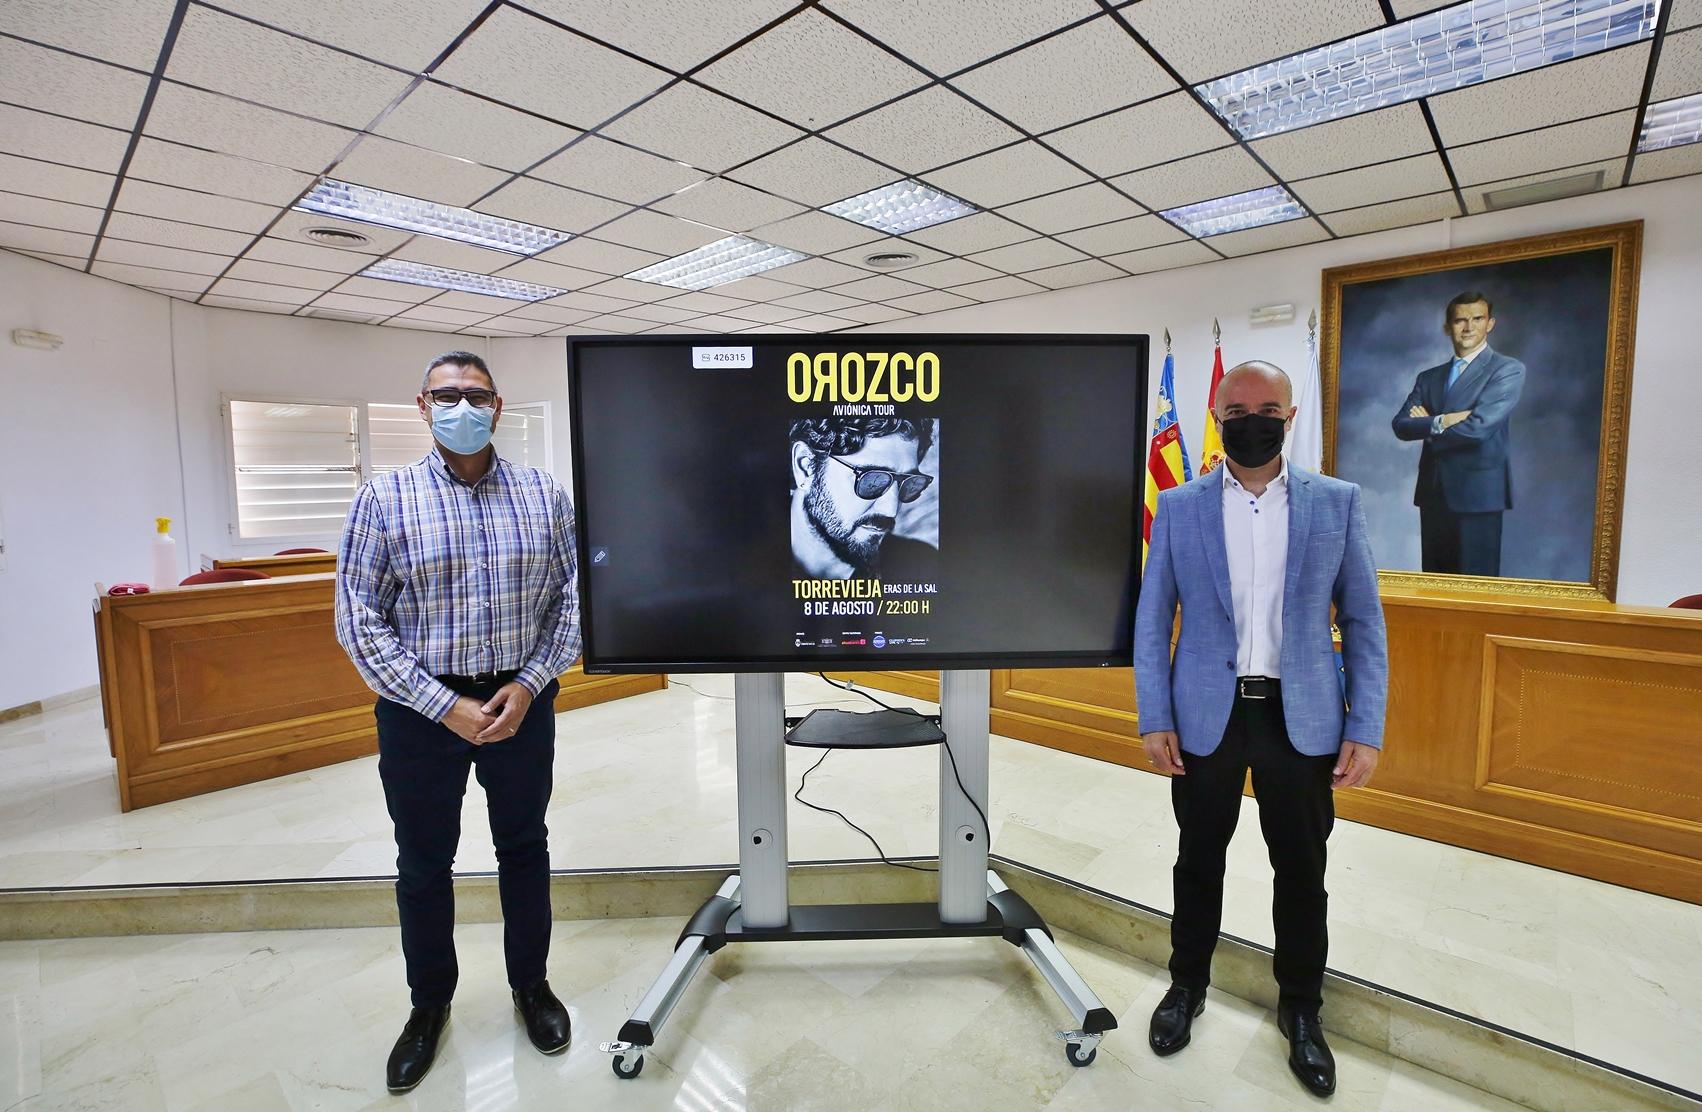 Presentación Concierto Antonio Orozco en Torrevieja